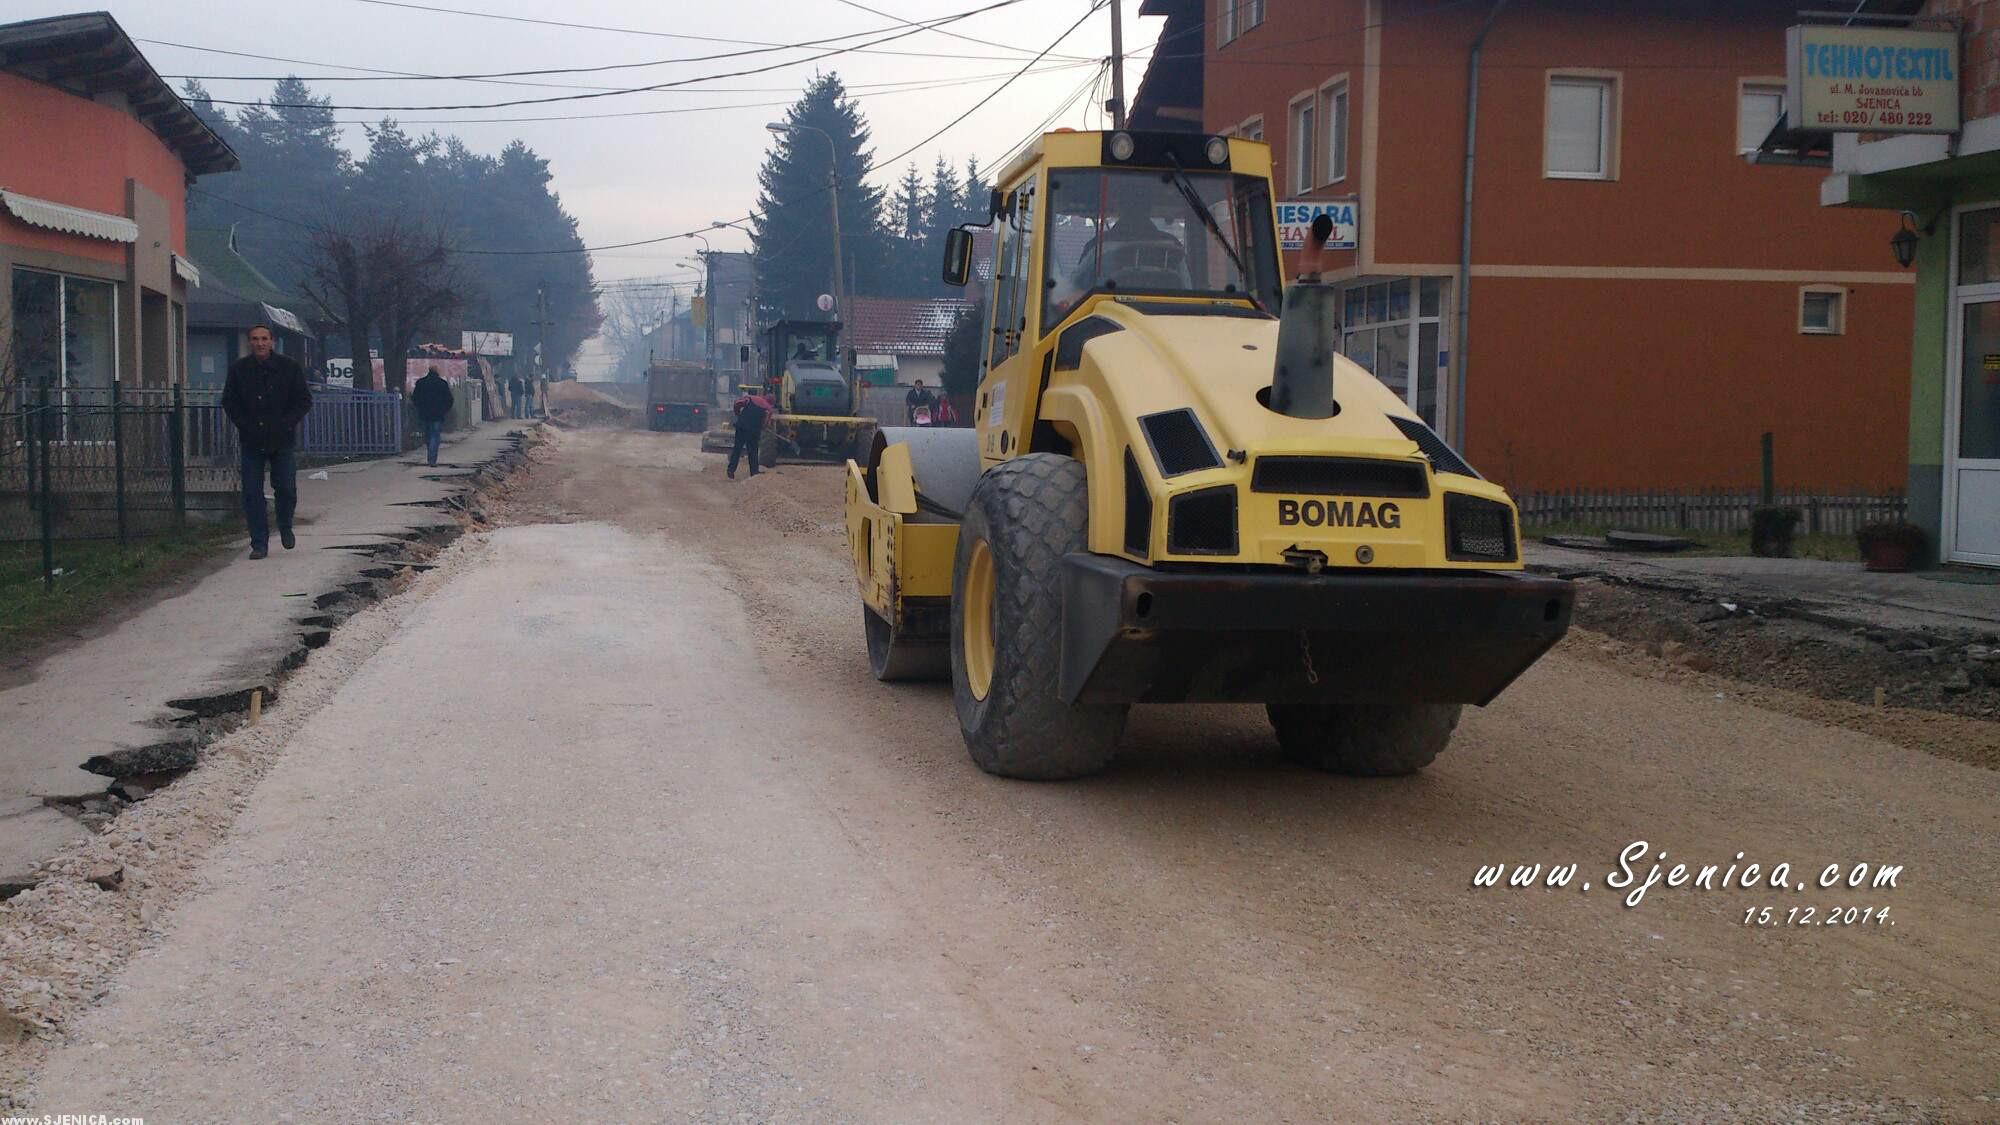 Sjenica - Radovi u carsiji 15.12.2014.